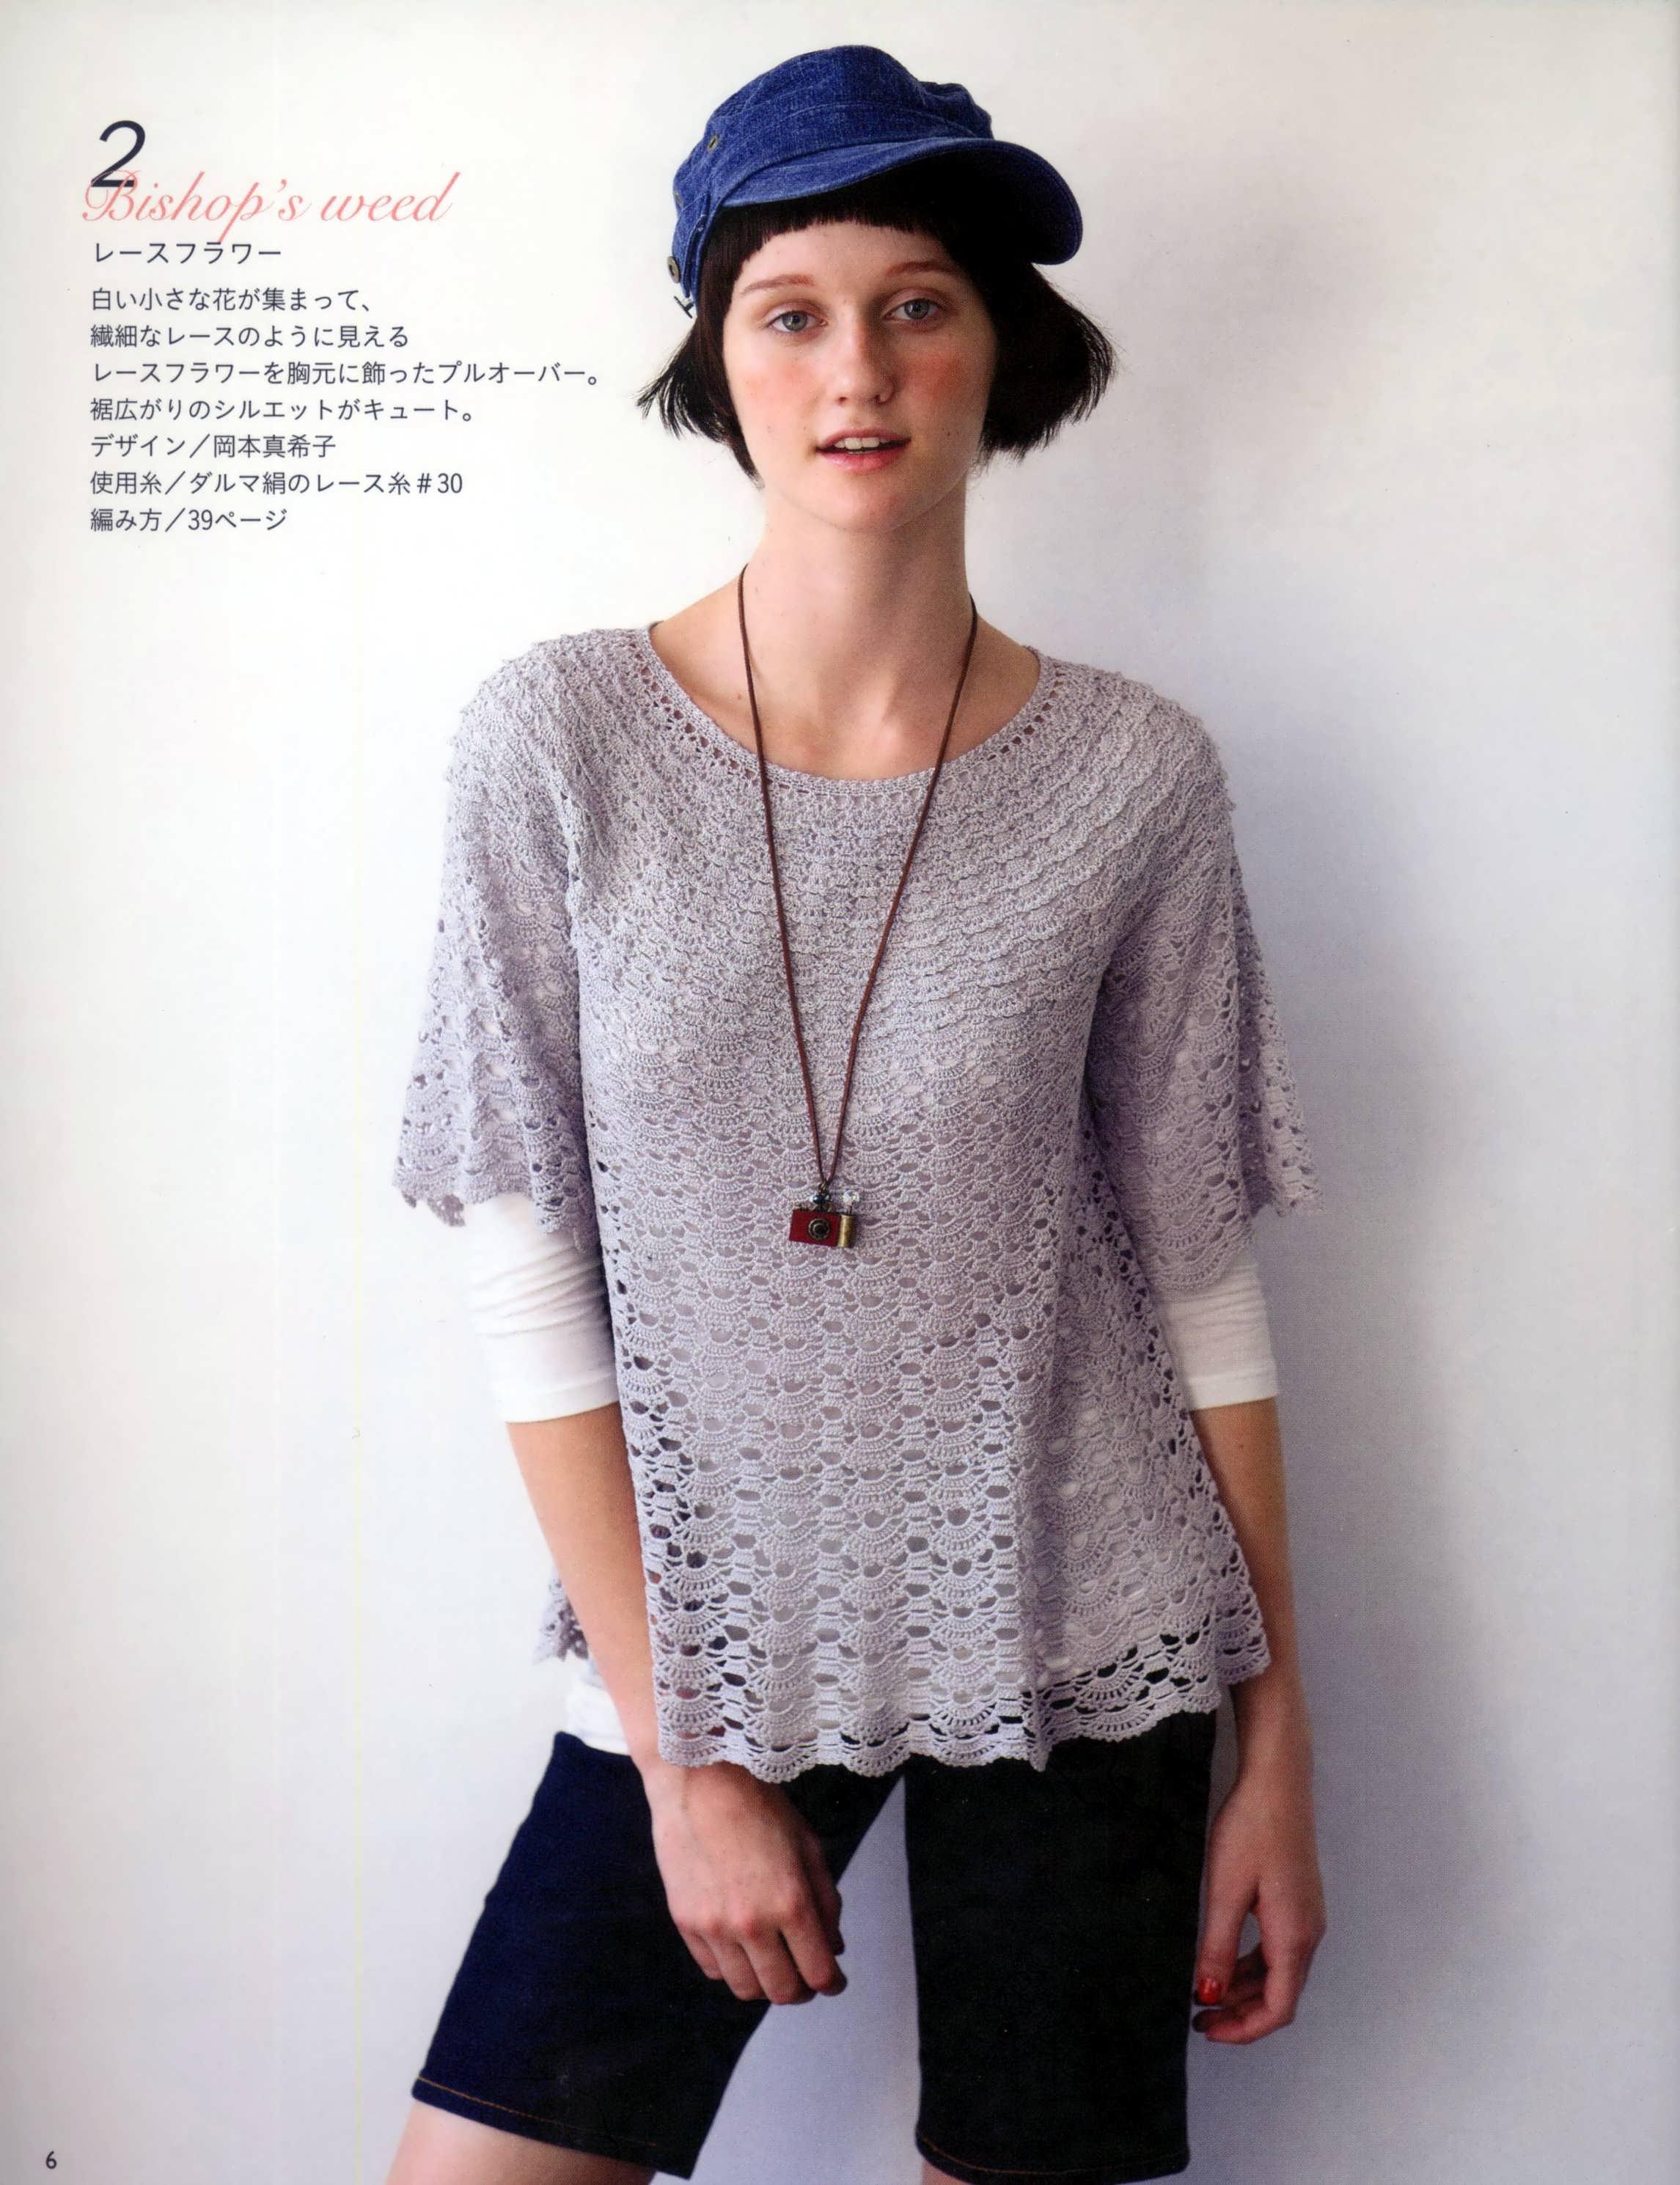 модели из японских журналов по вязанию